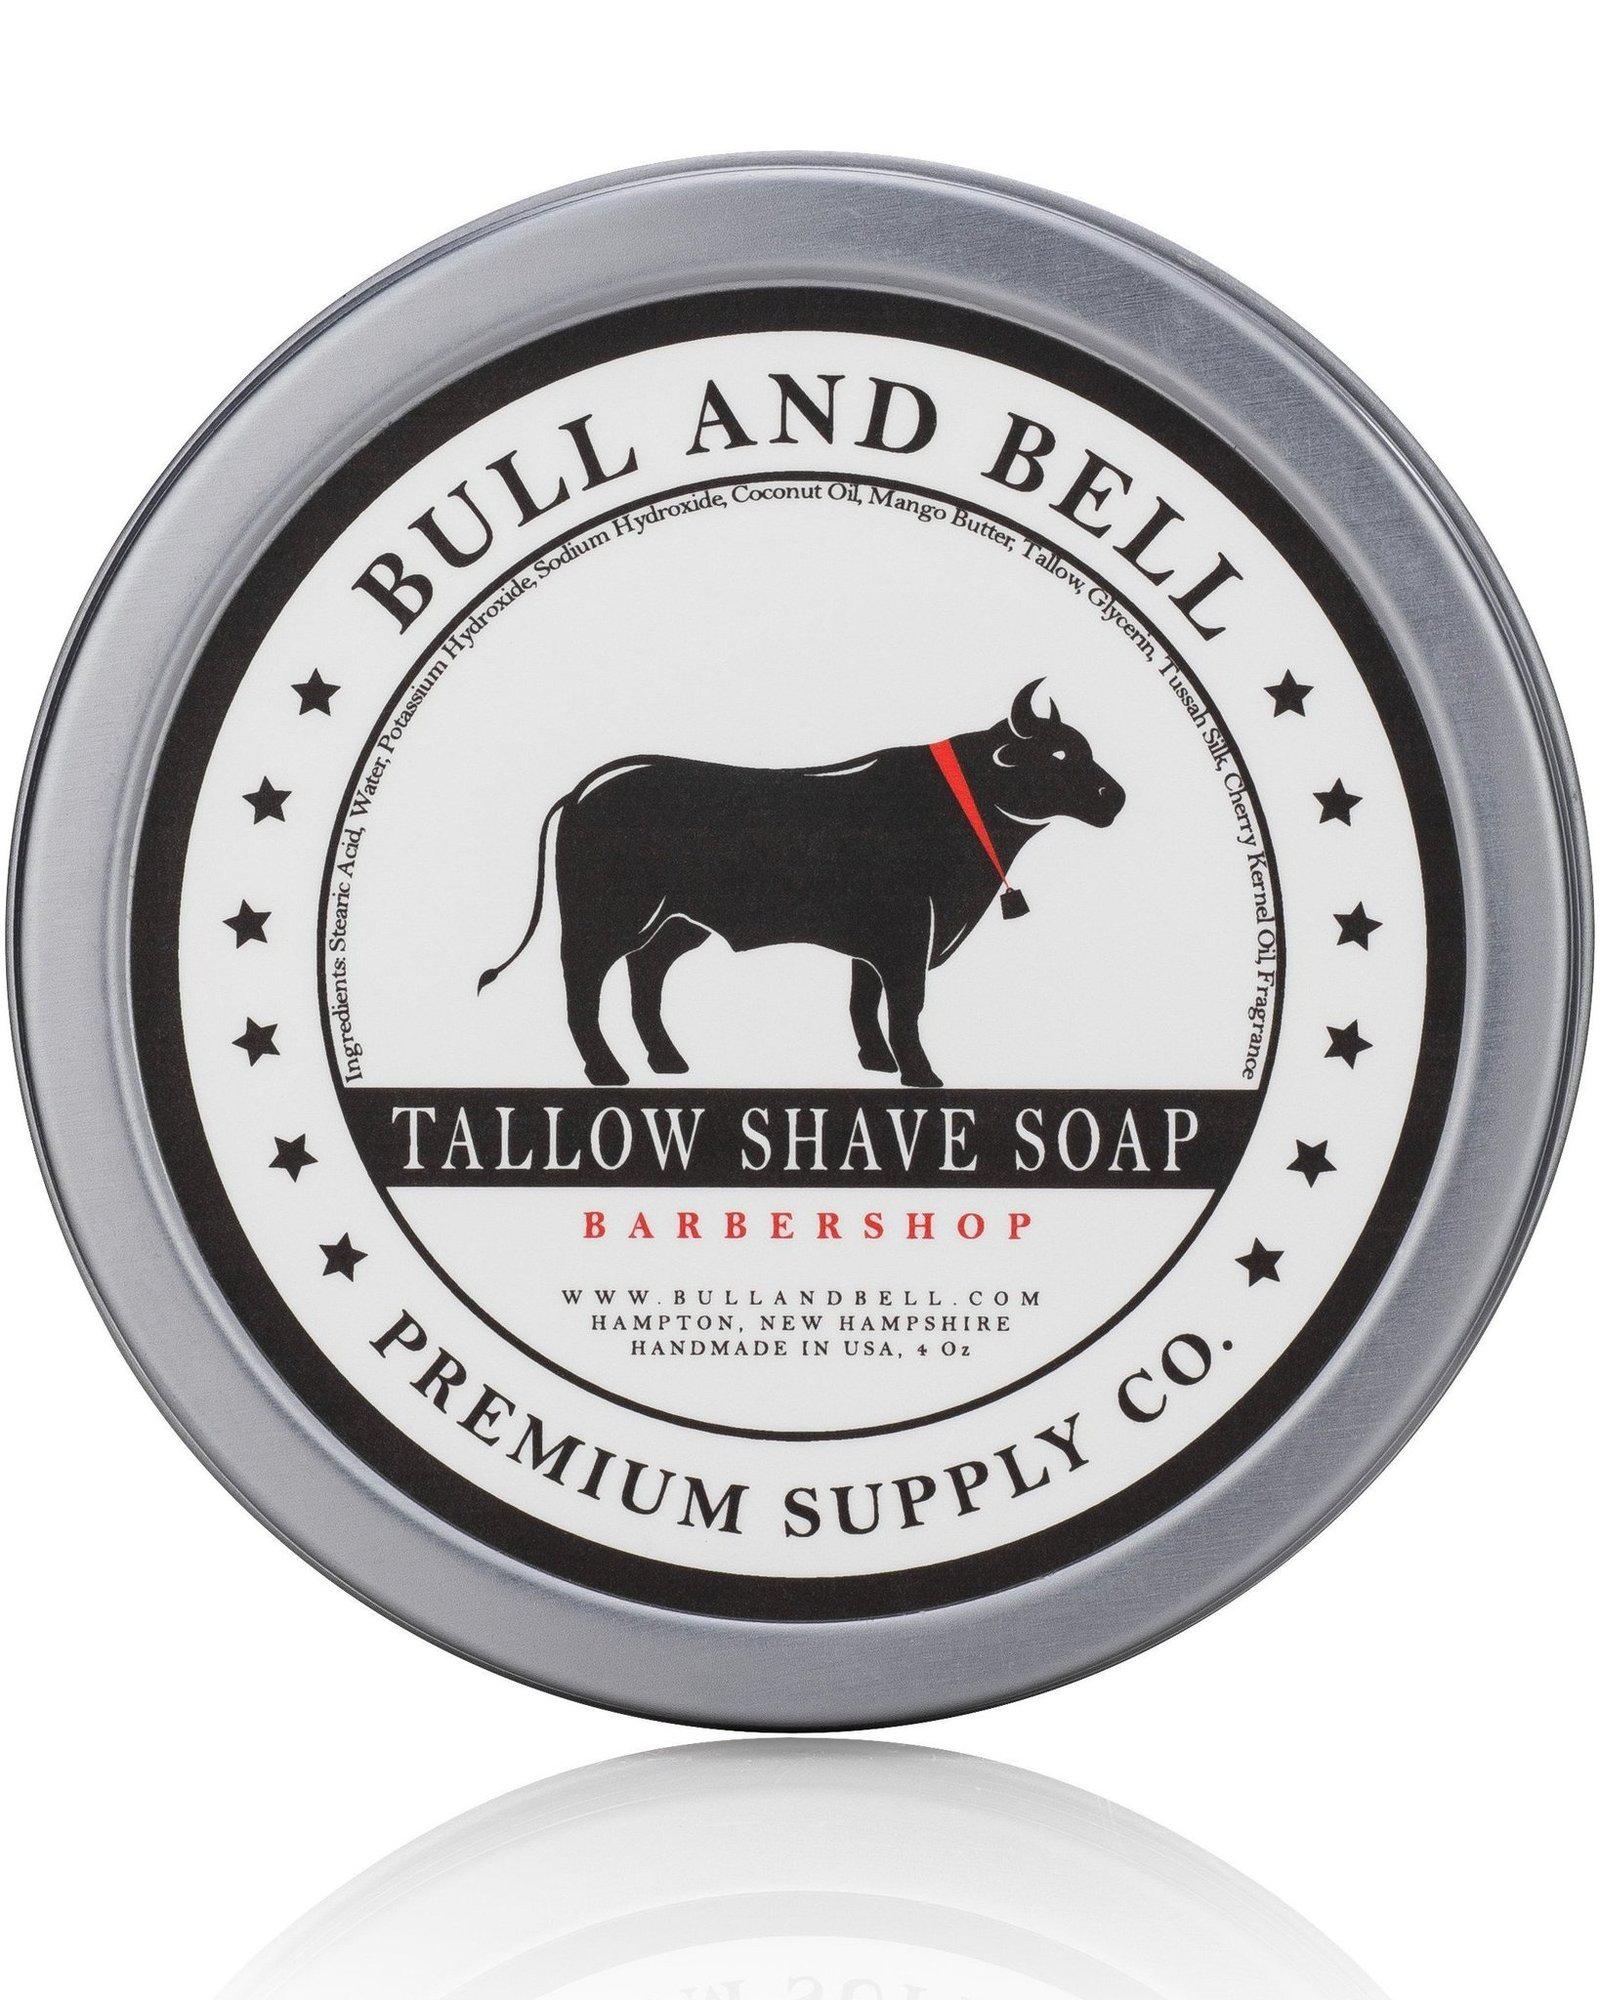 Bull and Bell - Original Barbershop - Soap image